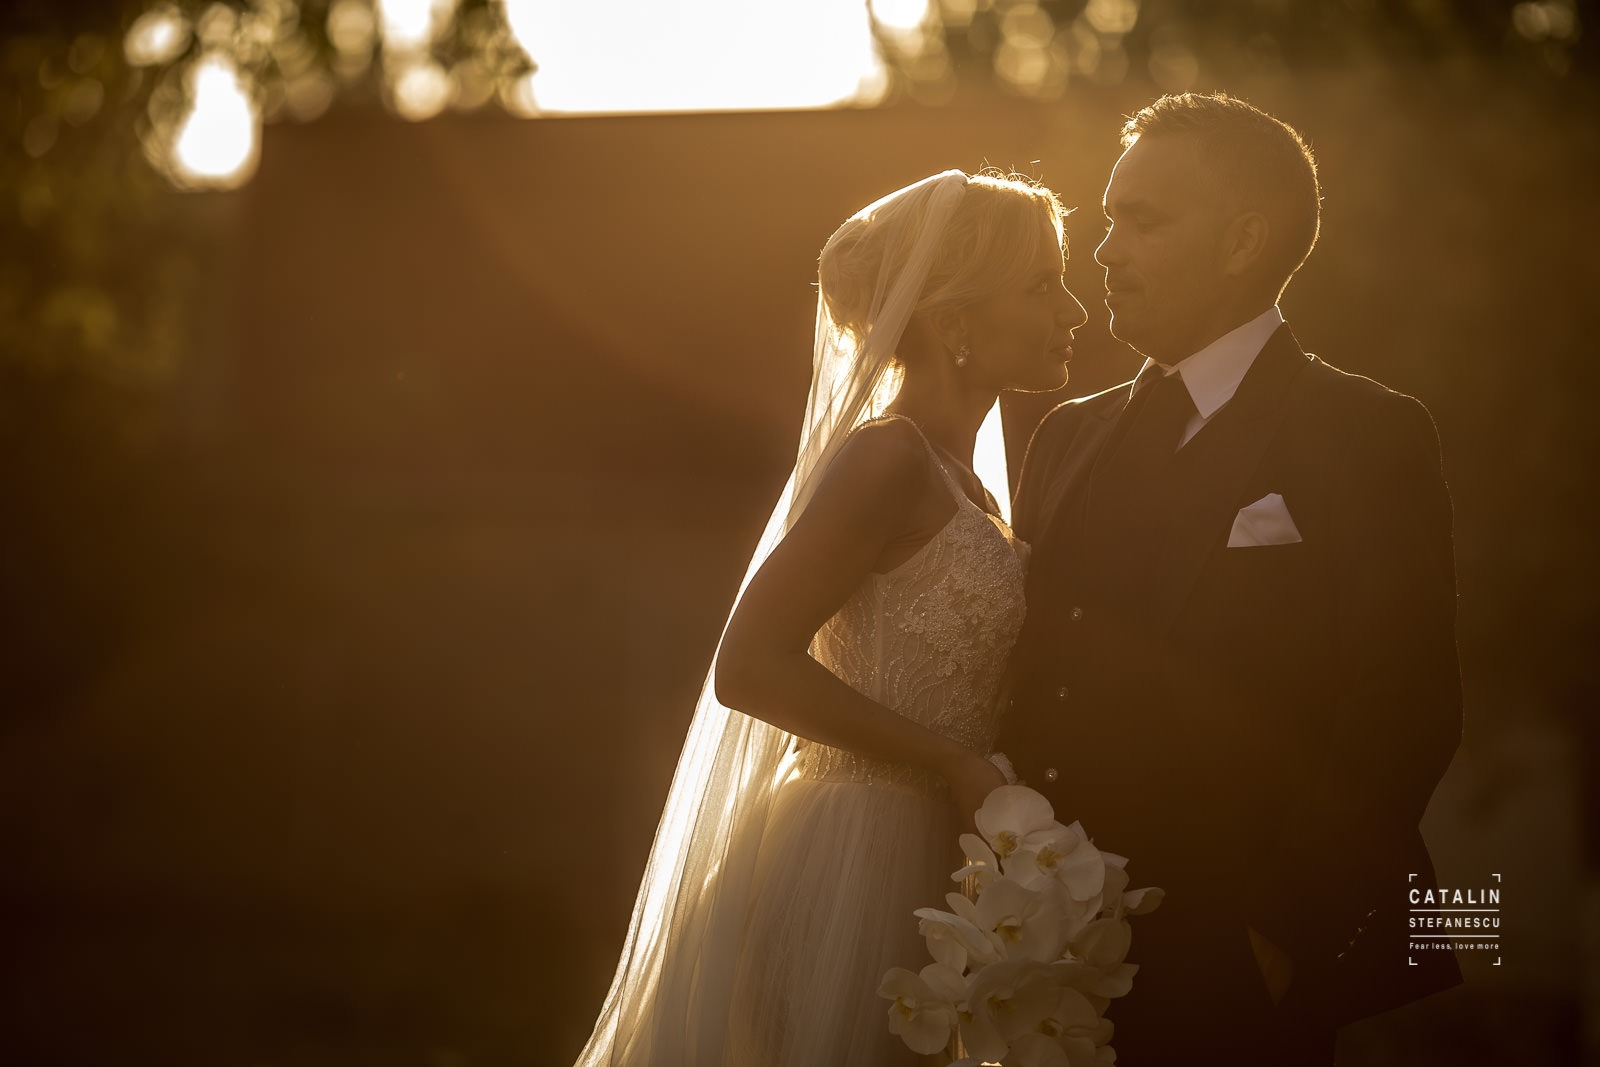 Nunta Salon Du Mariage - Fotograf Nunta Bucuresti - Catalin Stefanescu - Nunta Cristina & Marius